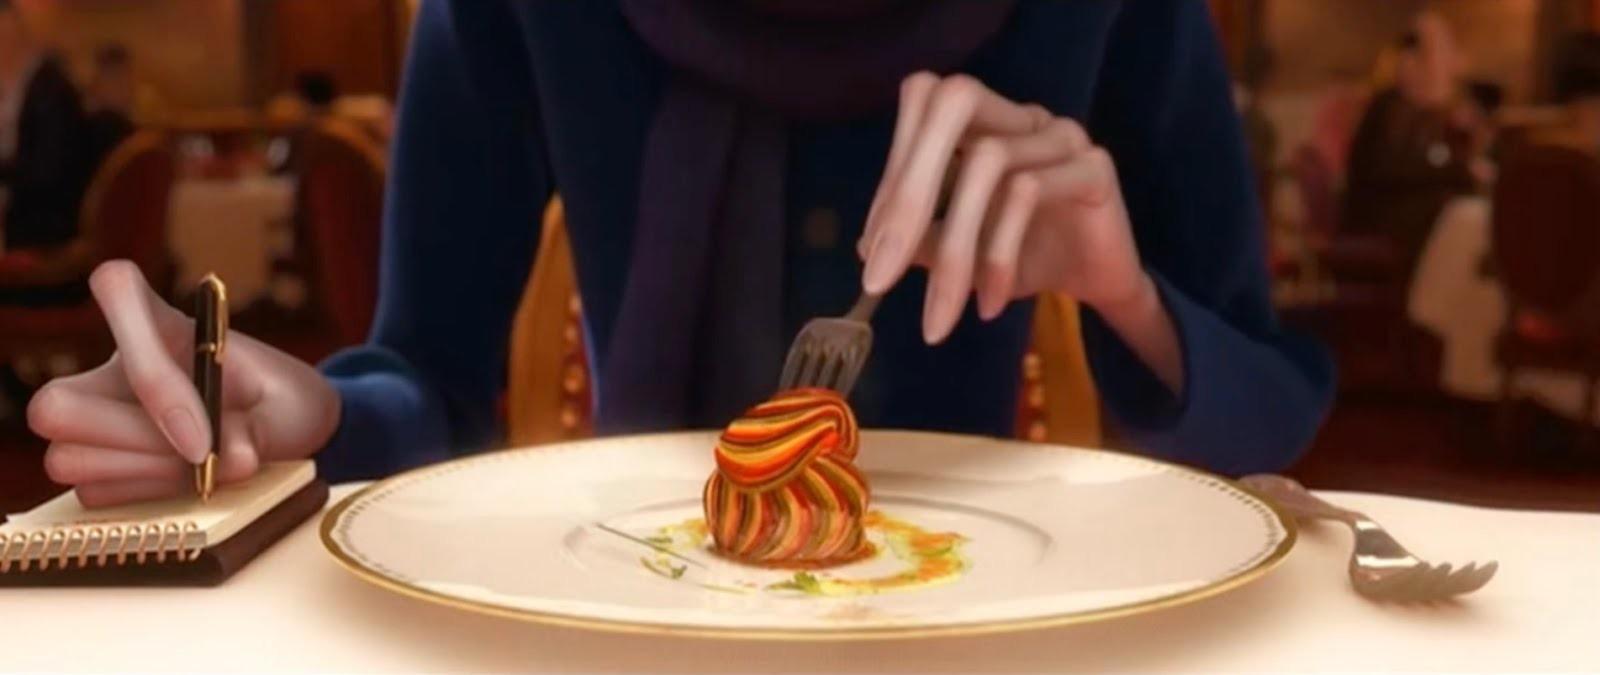 Tại sao những nhà hàng sang trọng bậc nhất luôn phục vụ khẩu phần ăn bé tí trên một chiếc đĩa to? - Ảnh 1.